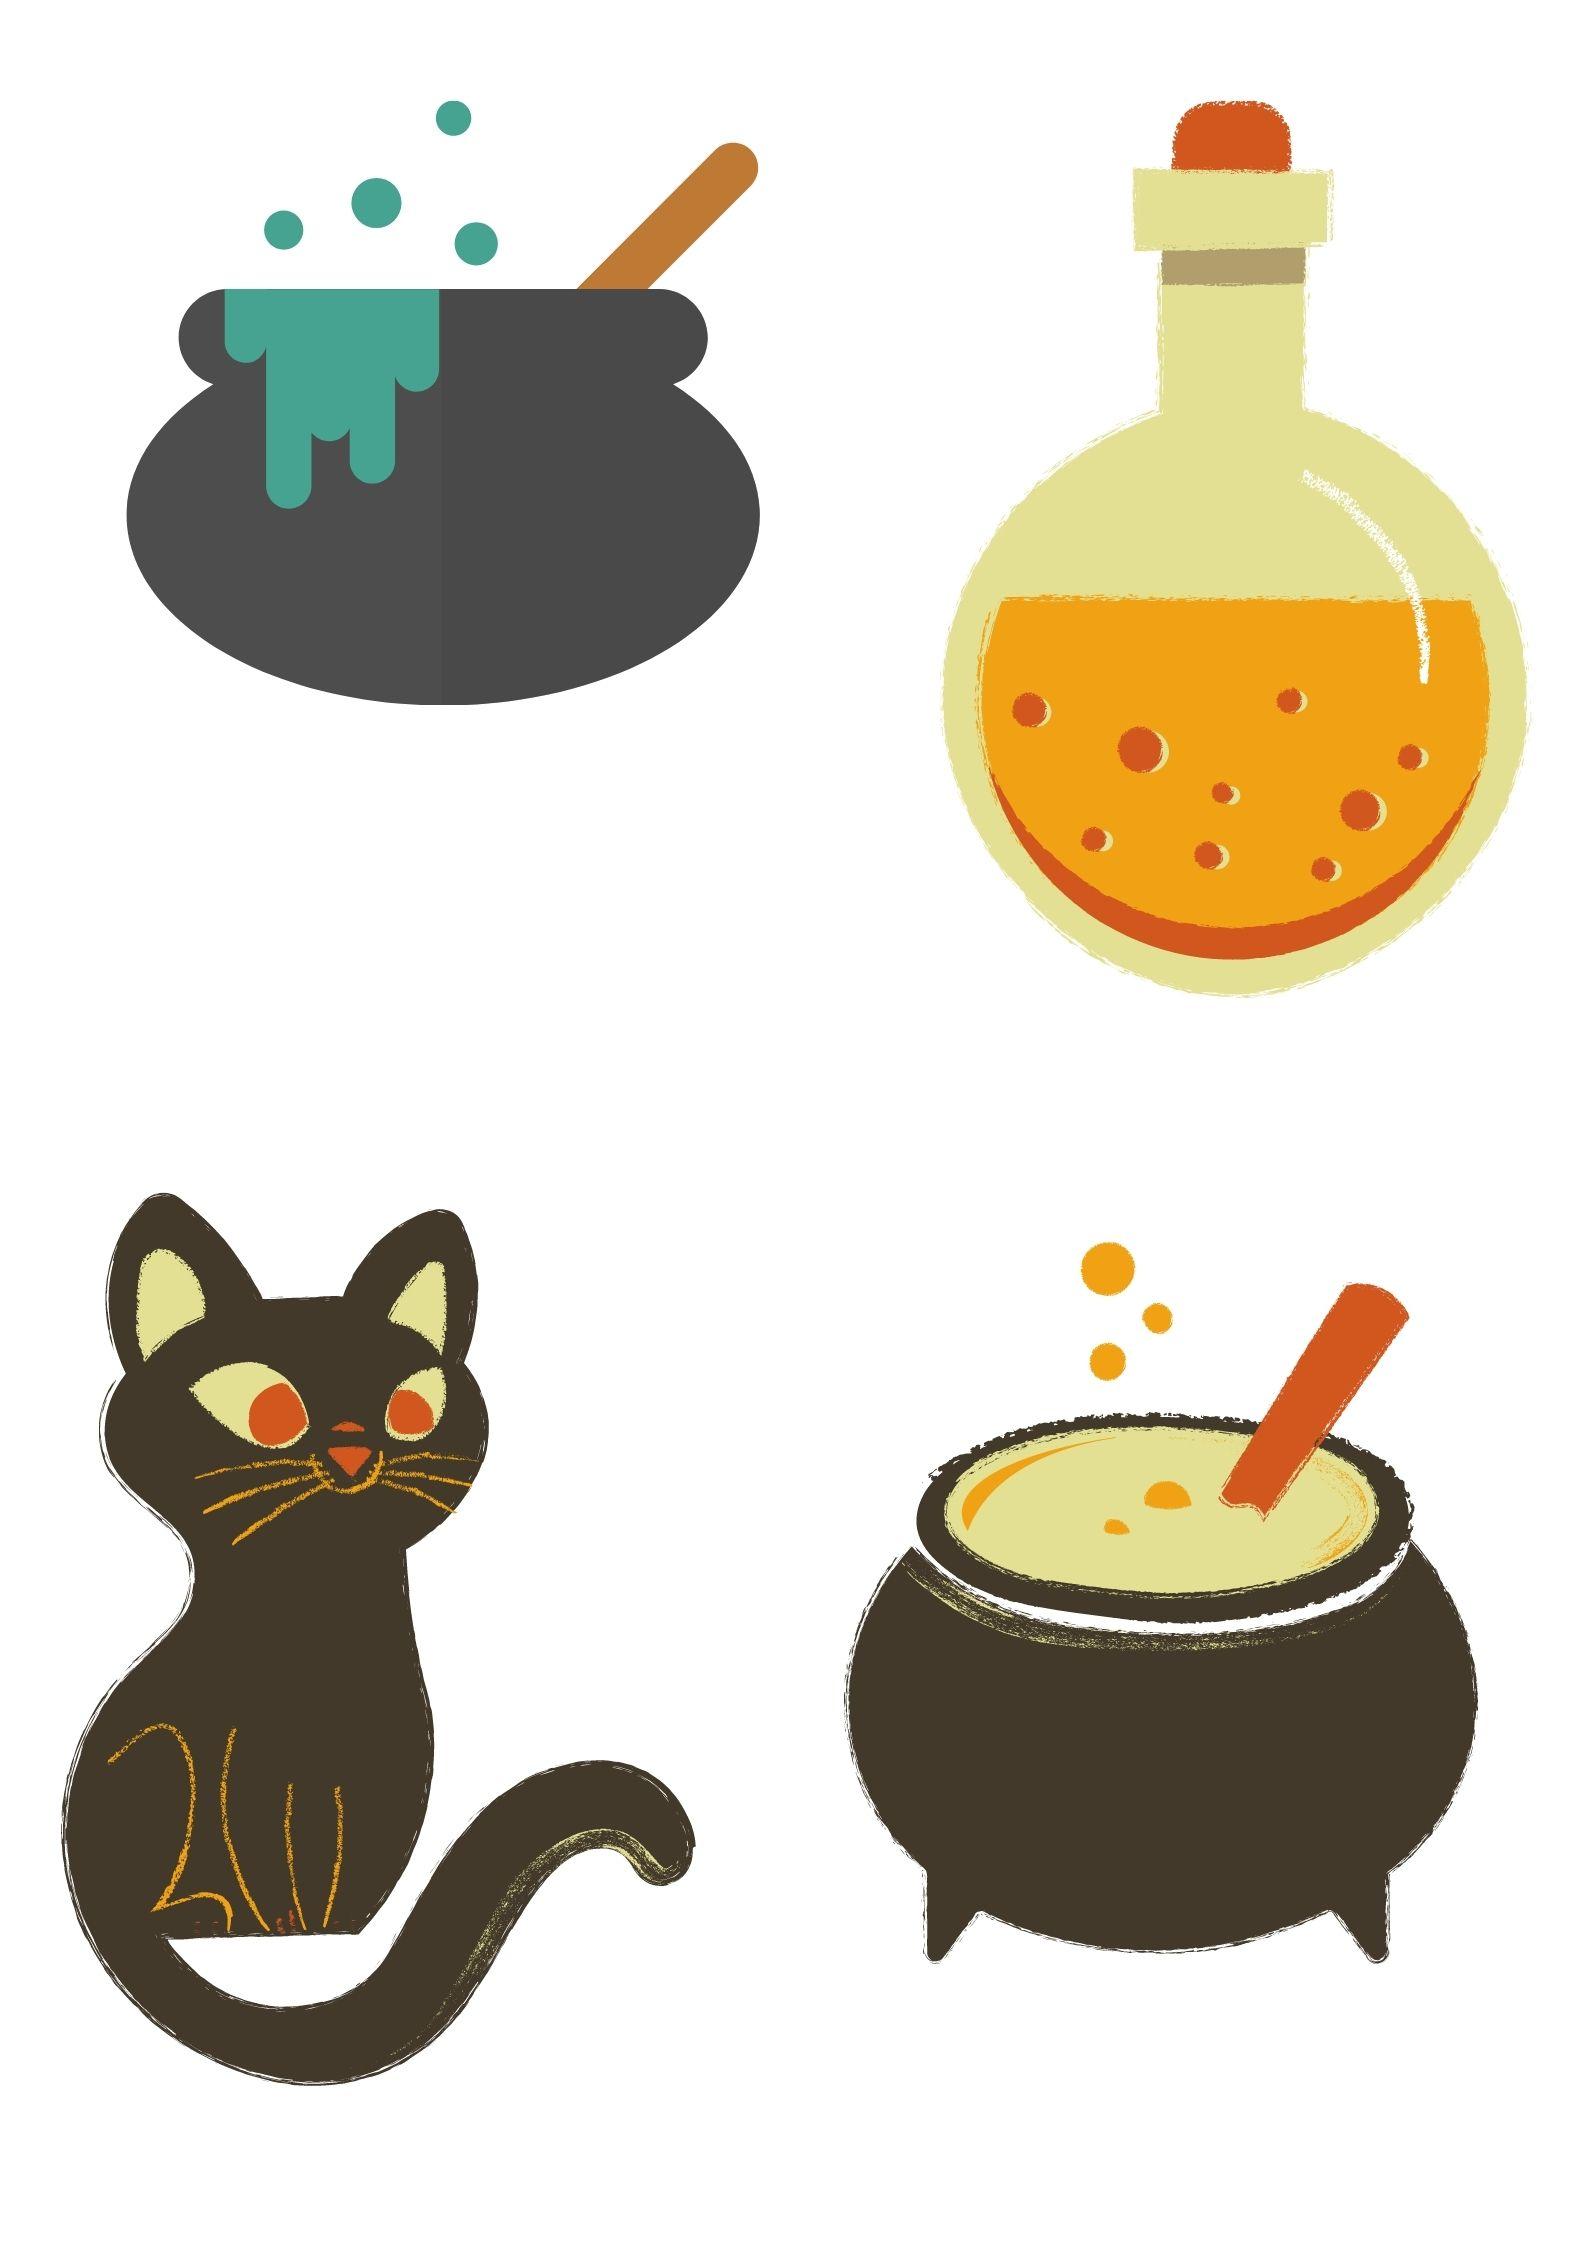 Sagome di disegni per bambini da stampare e ritagliare ad halloween: fantasma, zucca, cappello e gatto strega, casa dei fantasmi, Jack lanterna, pipistrello, pentoloni e pozioni.